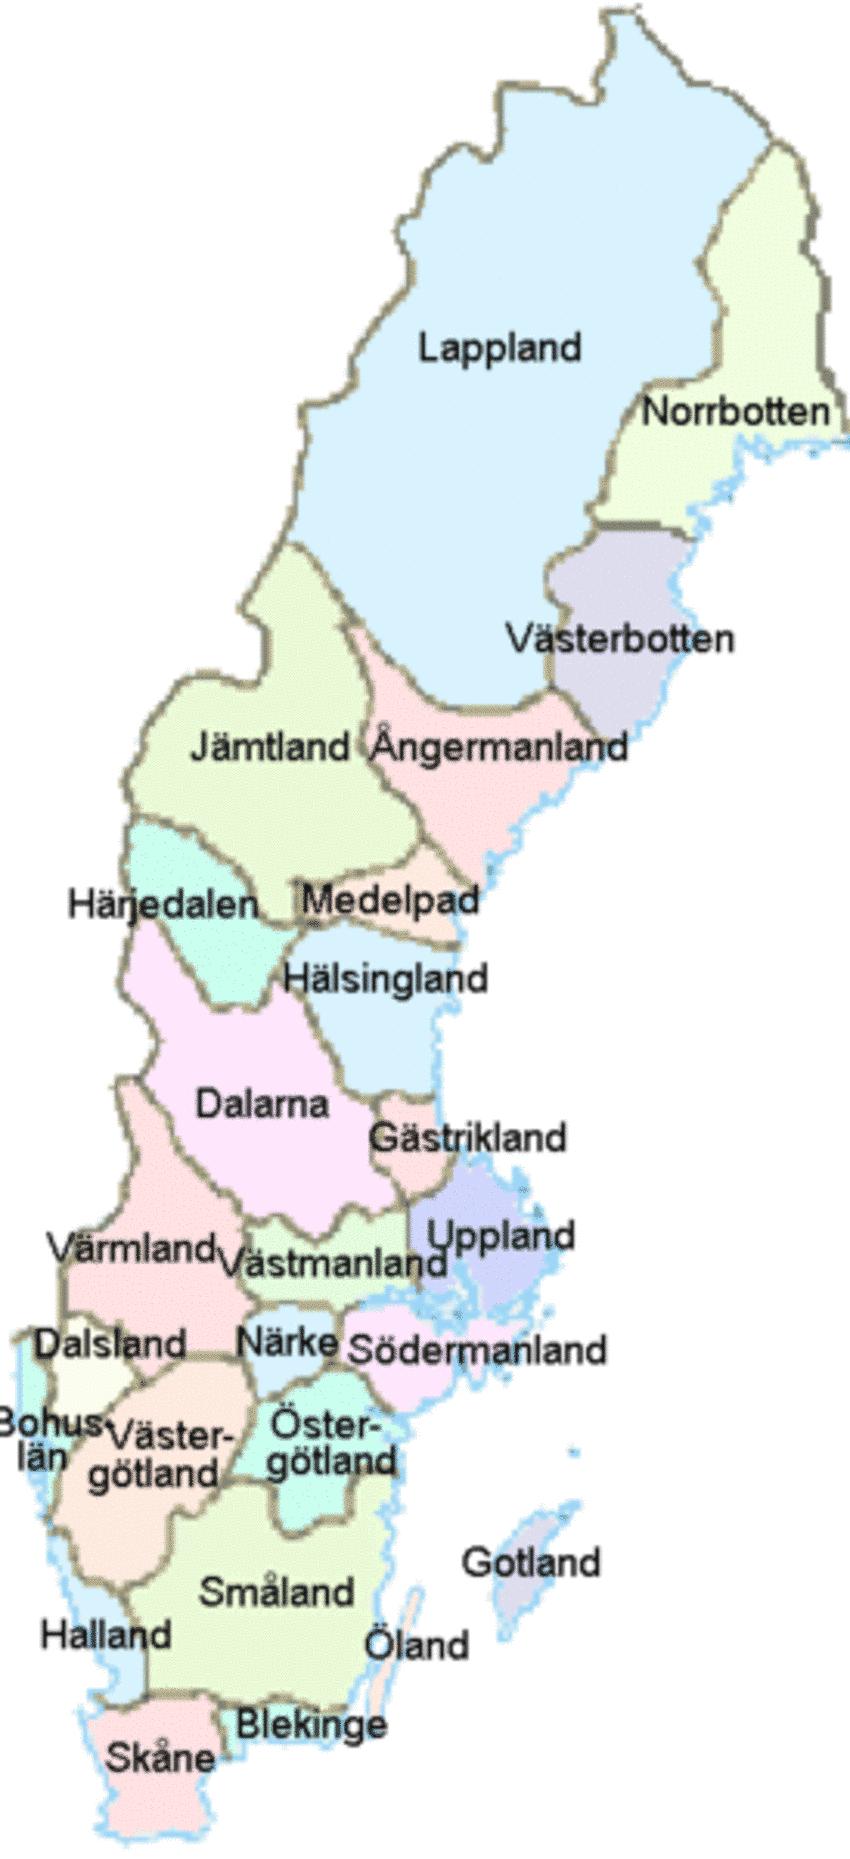 Die Detaillierte Karte Von Schweden Mit Regionen Oder Staaten Und